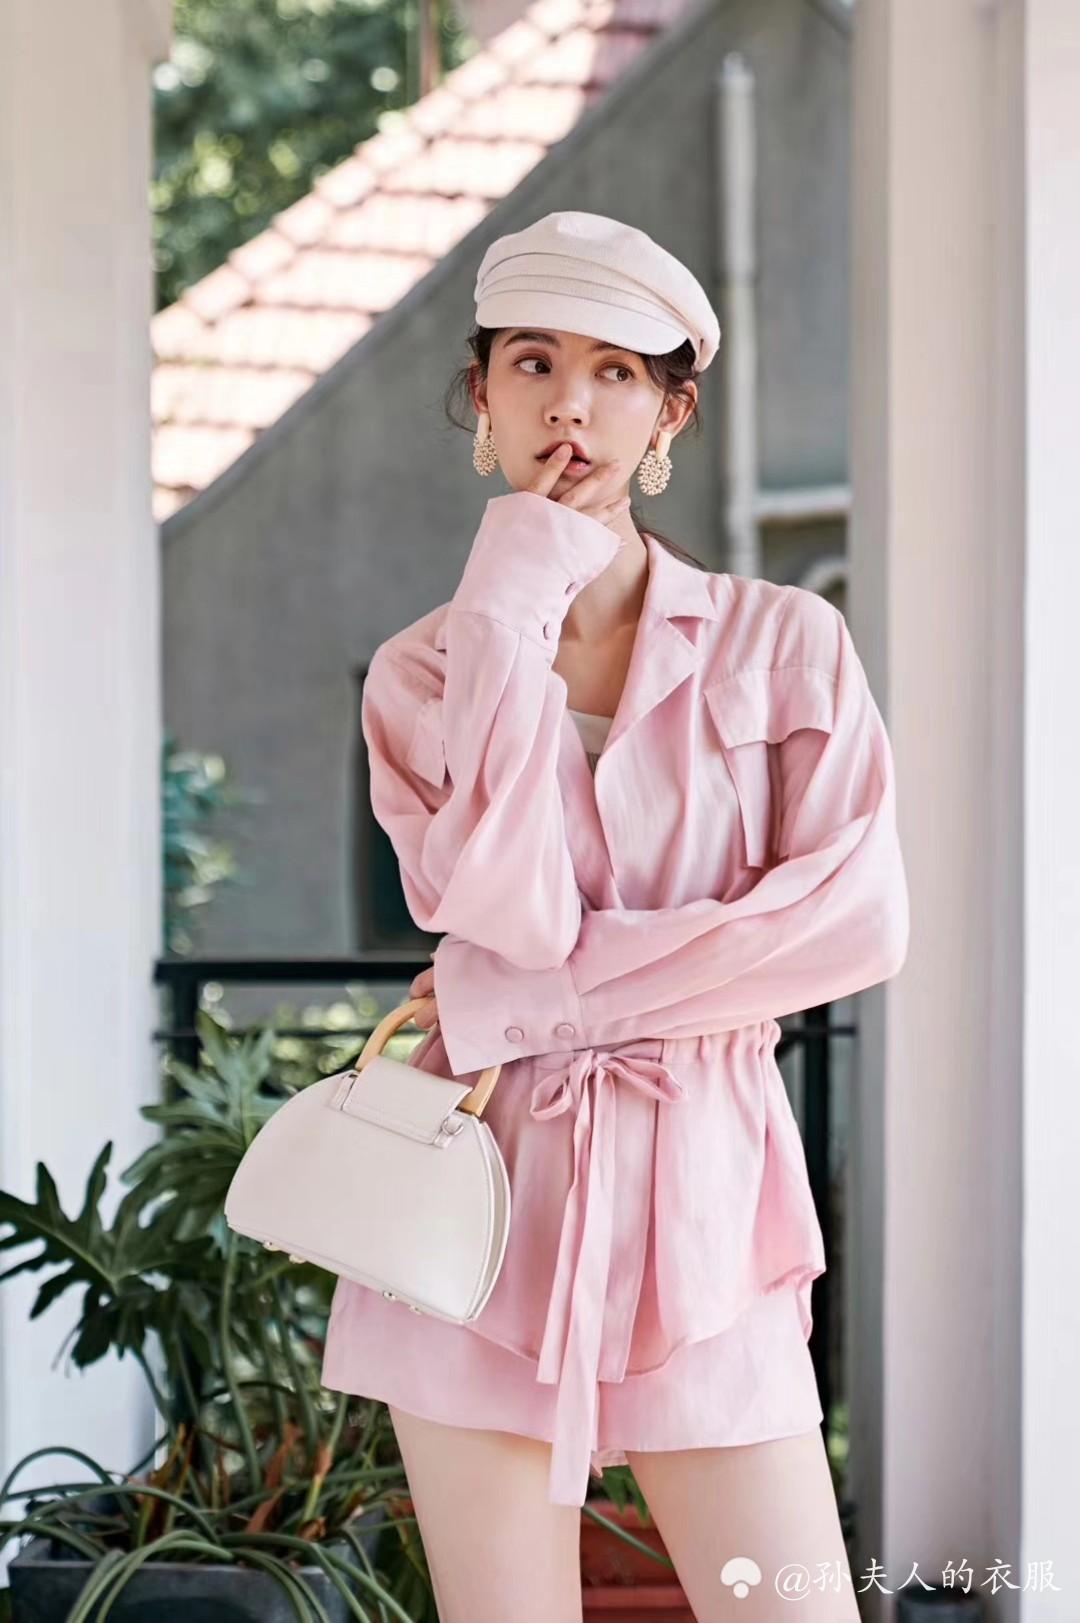 珊瑚粉套装 似纱似丝质的半透明面料,舒适清爽,早秋、春天穿刚刚好。保留了西装双翻的领子的样式,在腰间的运用抽绳设计,使层次感更强,更具时尚质感,让你化身成慵懒少女一枚。胸前对称口袋的装饰,穿着更具饱满感。下装则是高腰短裤,天丝面料的触感,亲肤更凉爽。粉色,中和了西装过于承重的感觉,多了跳跃的色彩,整个人活力四射起来。